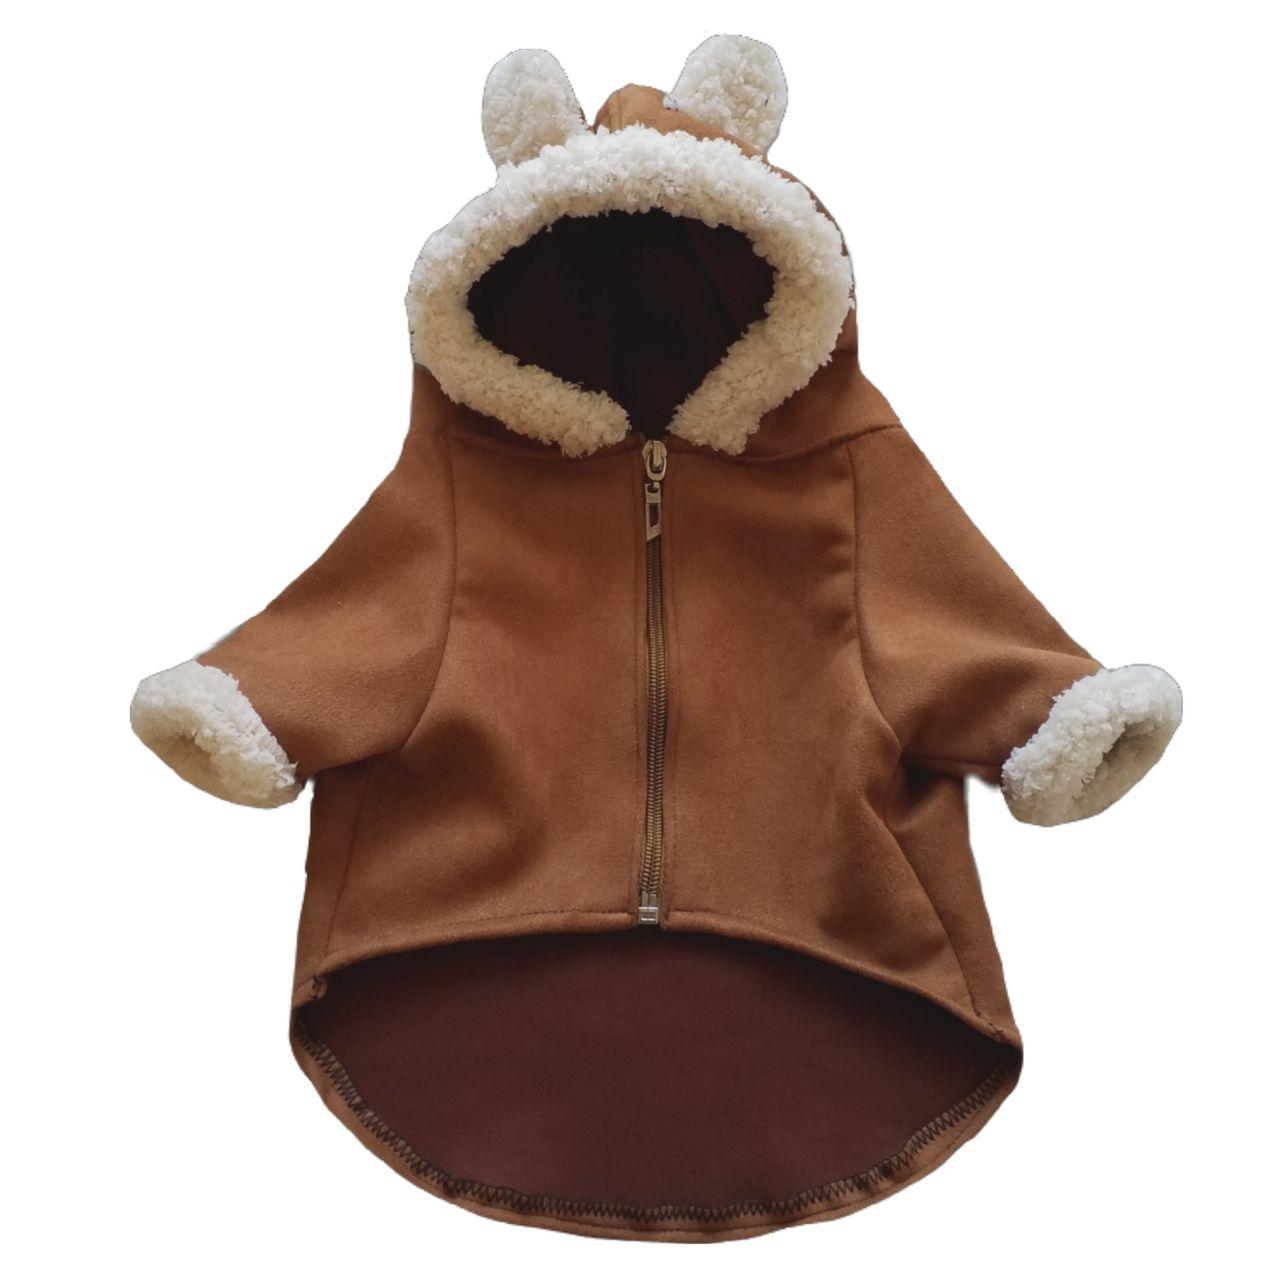 لباس سگ مدل کلاهدار سایز L